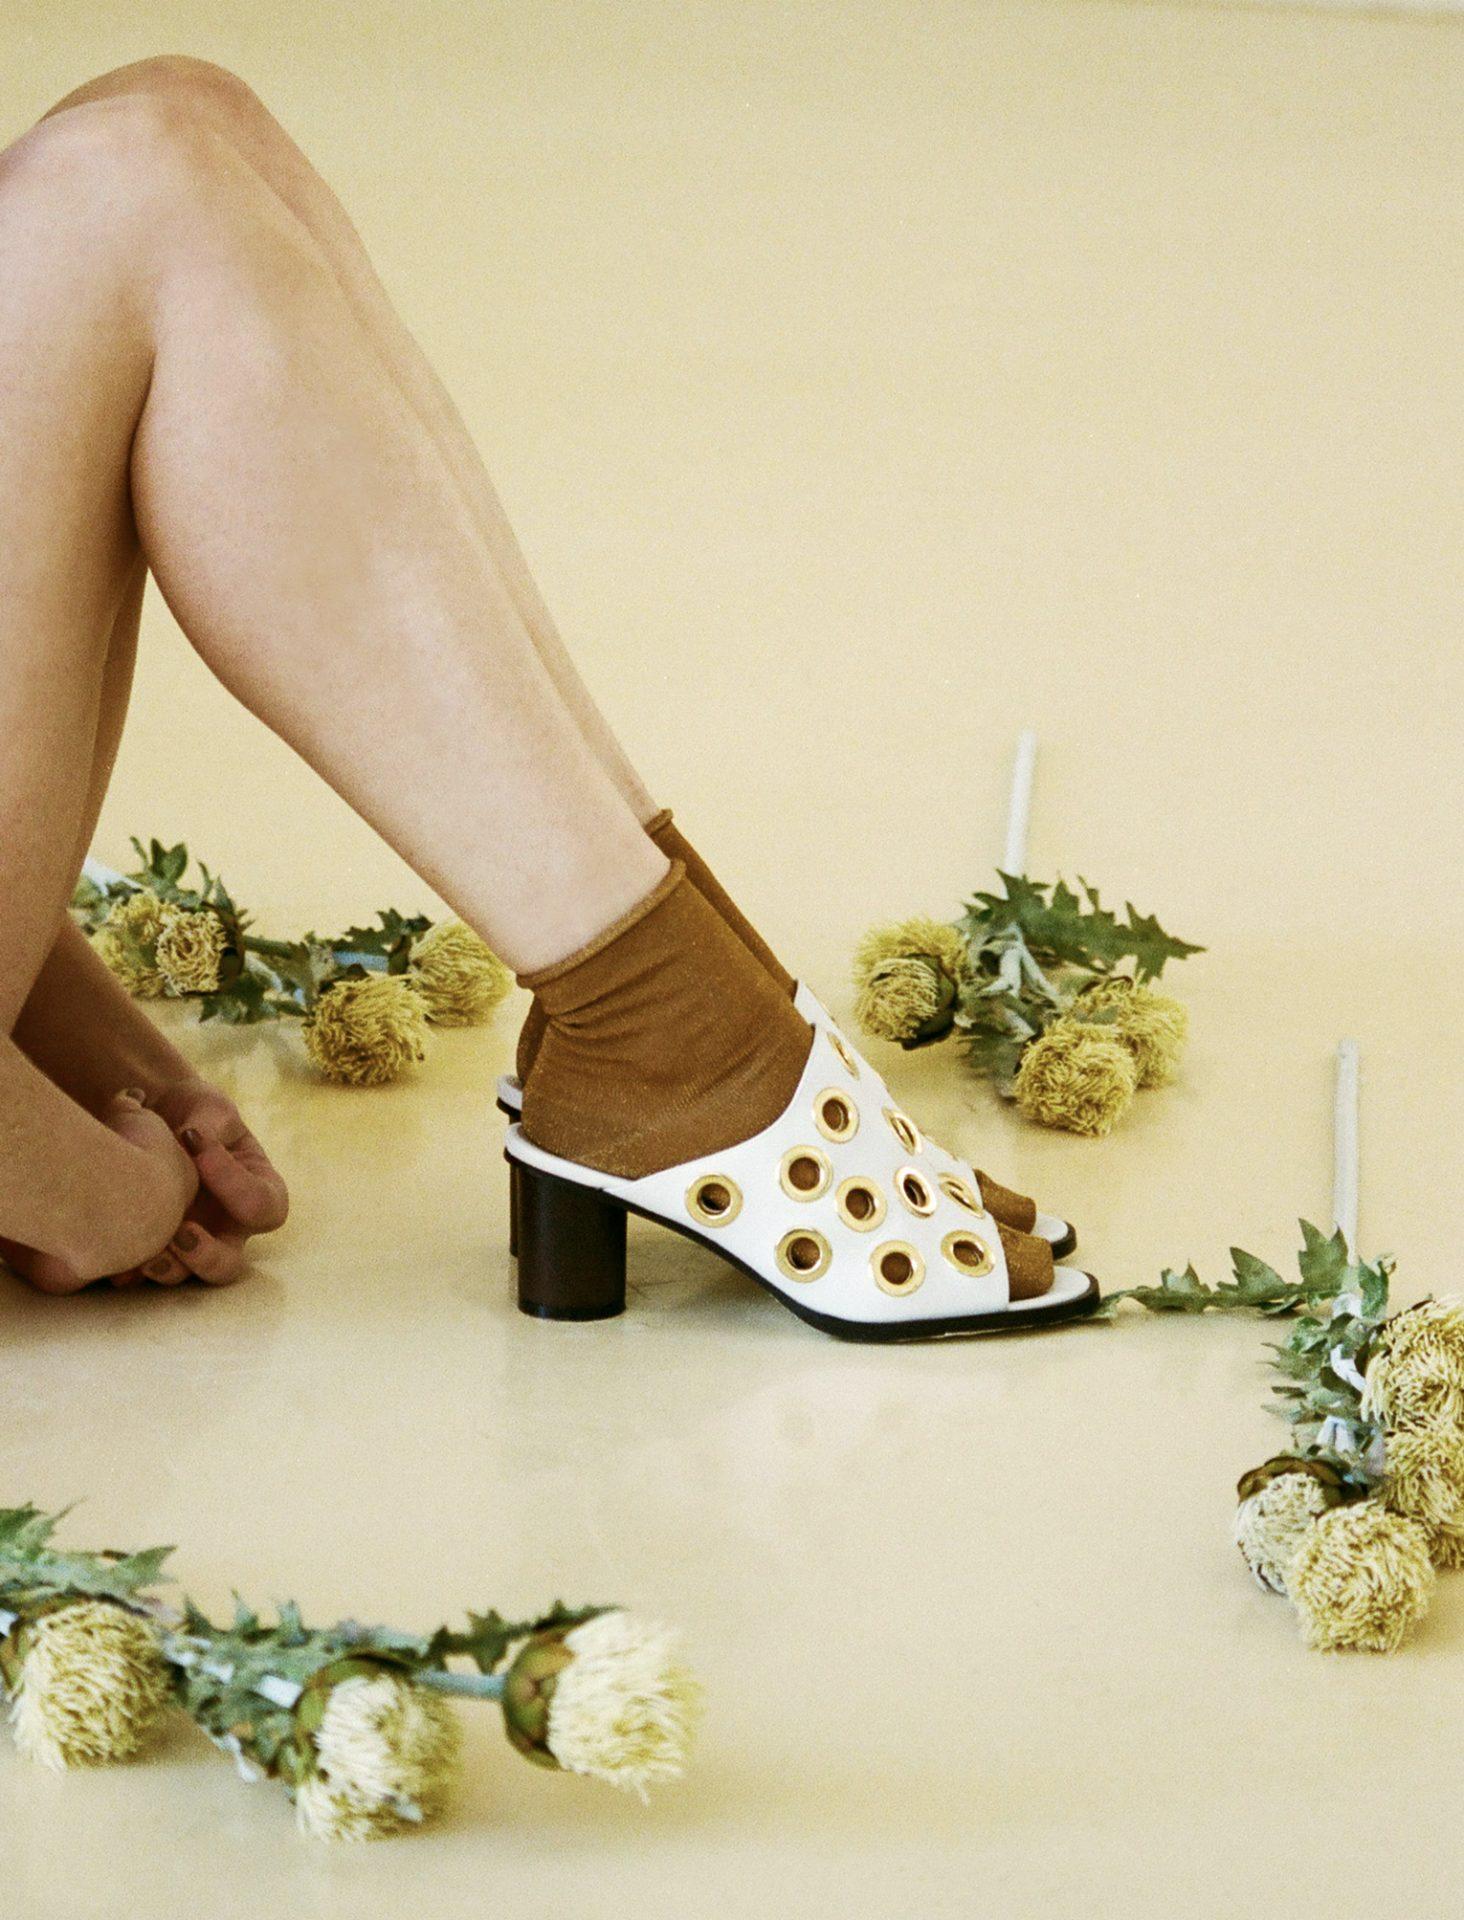 Marca portuguesa de calçado vegan, produz sapatos, sandálias